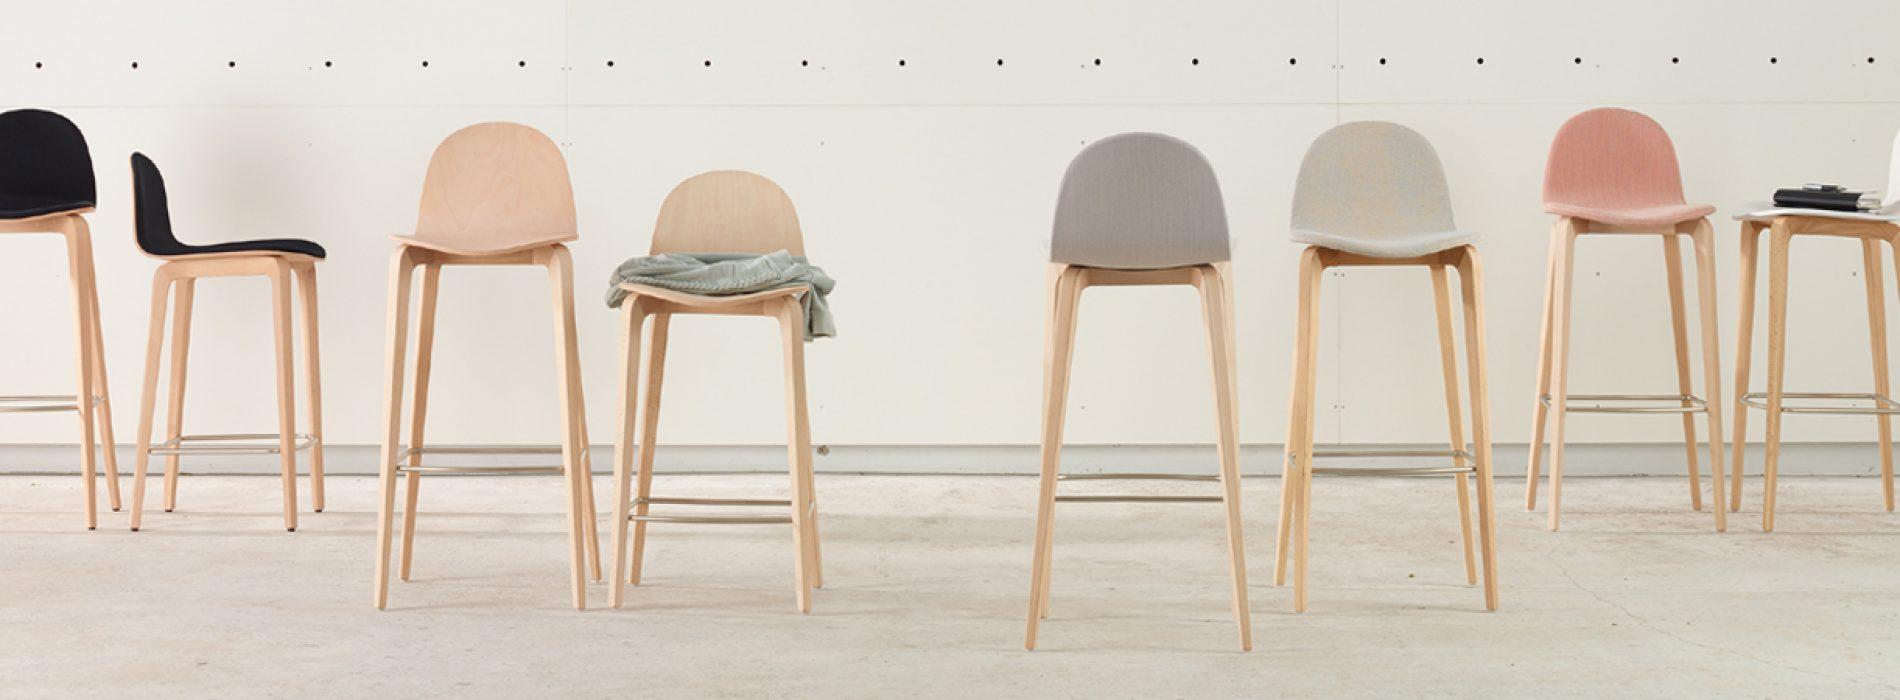 Mesas y sillas Artea sukaldeak